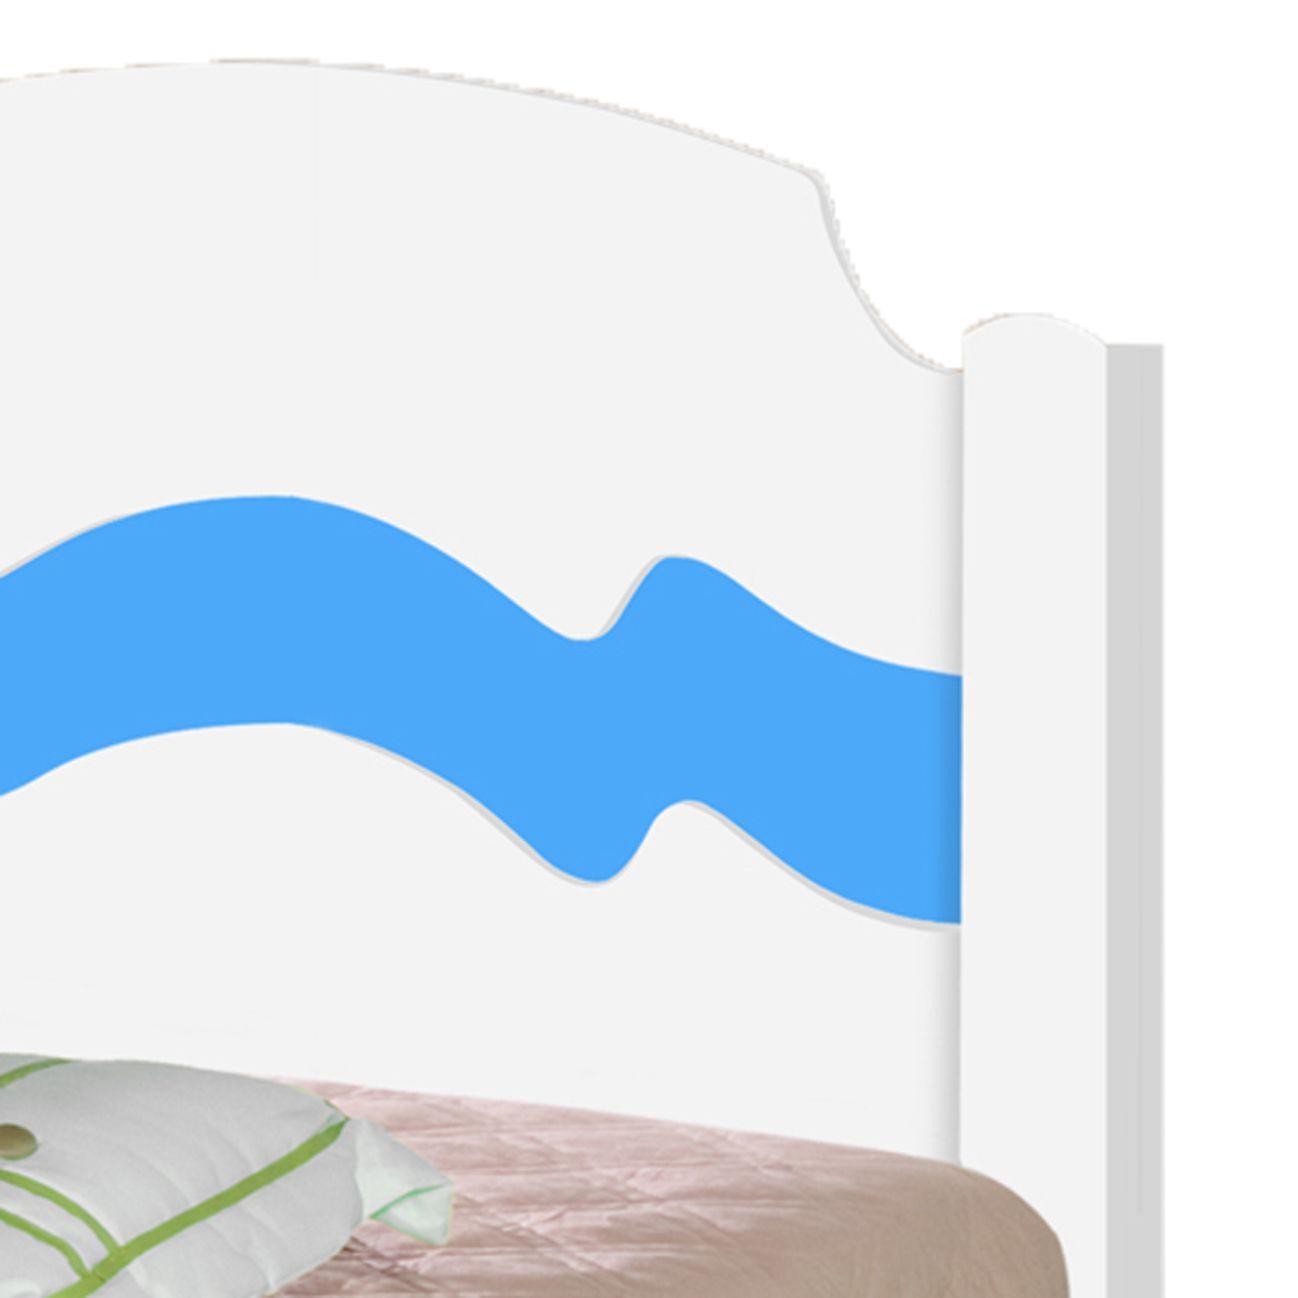 Cama Solteiro Iris Branco/Azul com Colchão